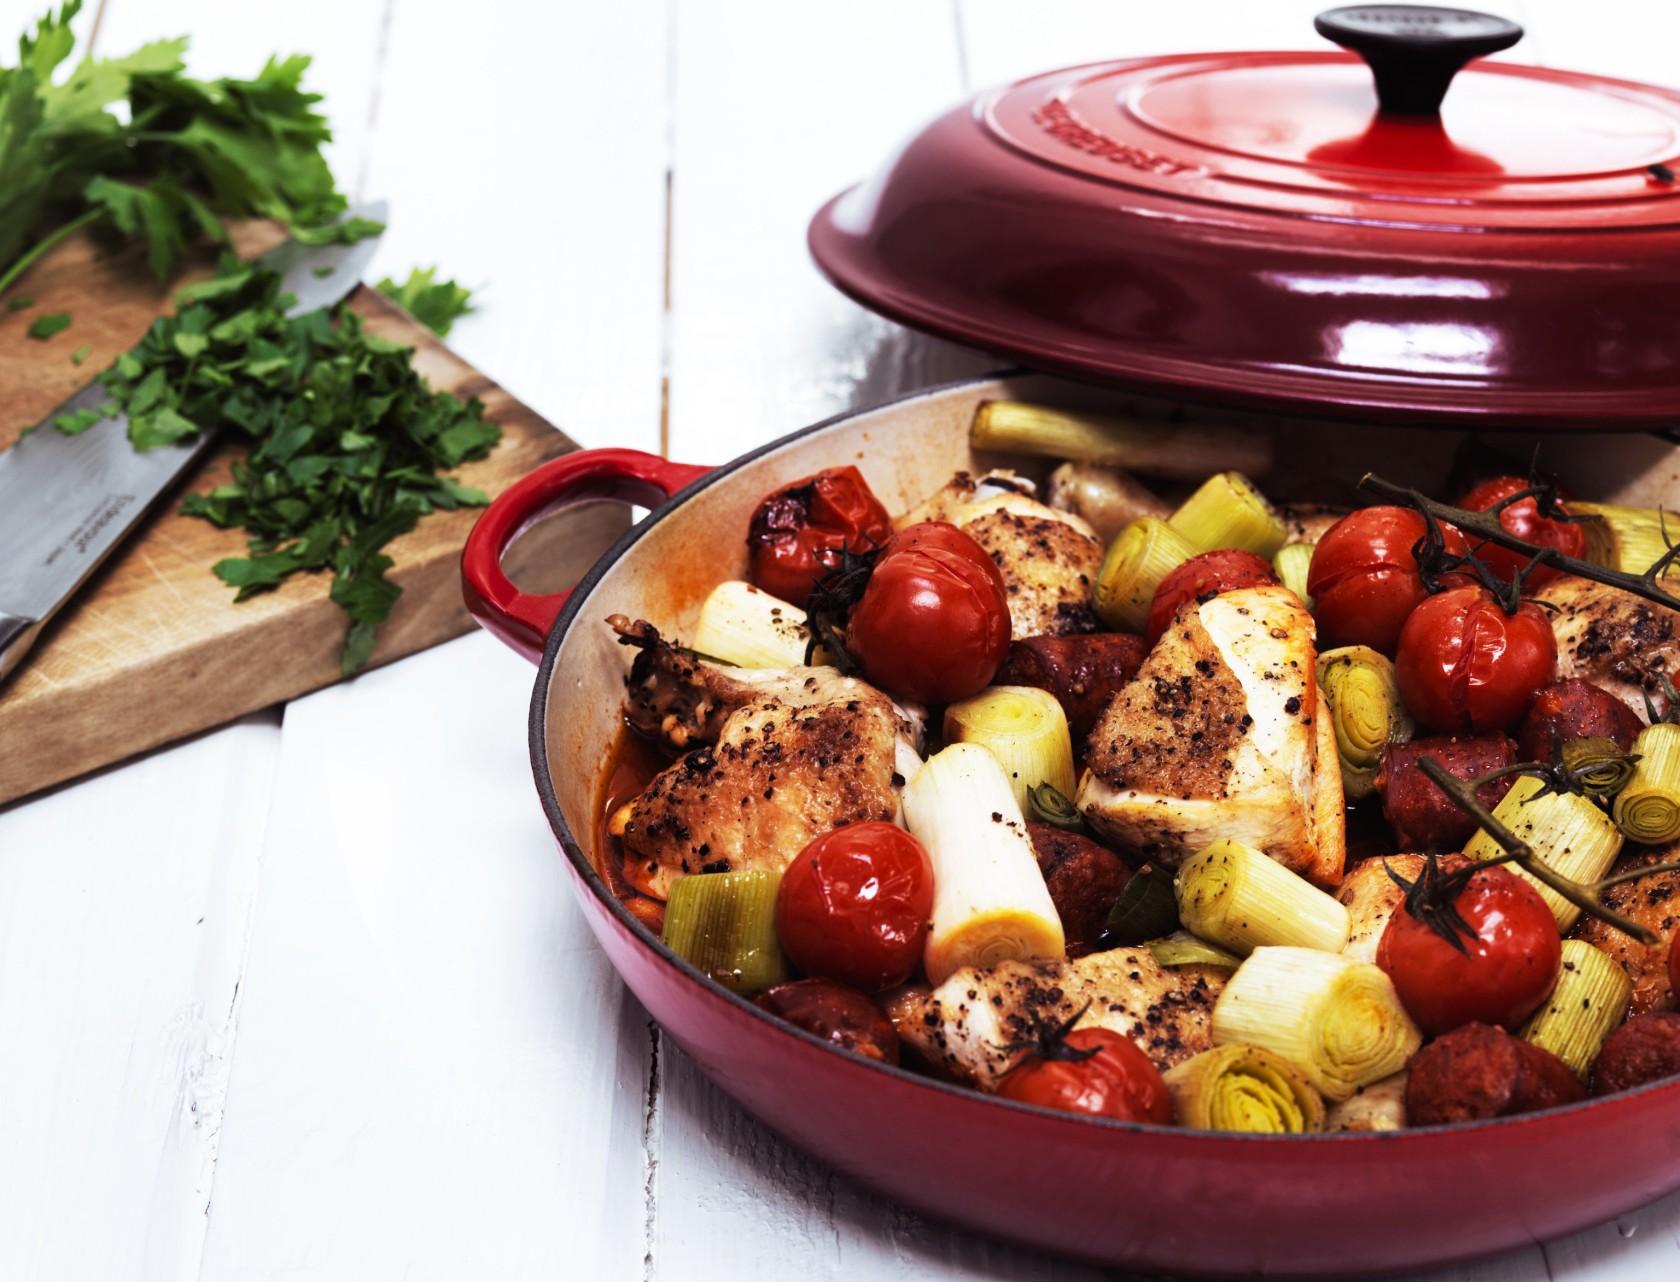 Kylling i stegeso med grøntsager - nem og lækker opskrift!